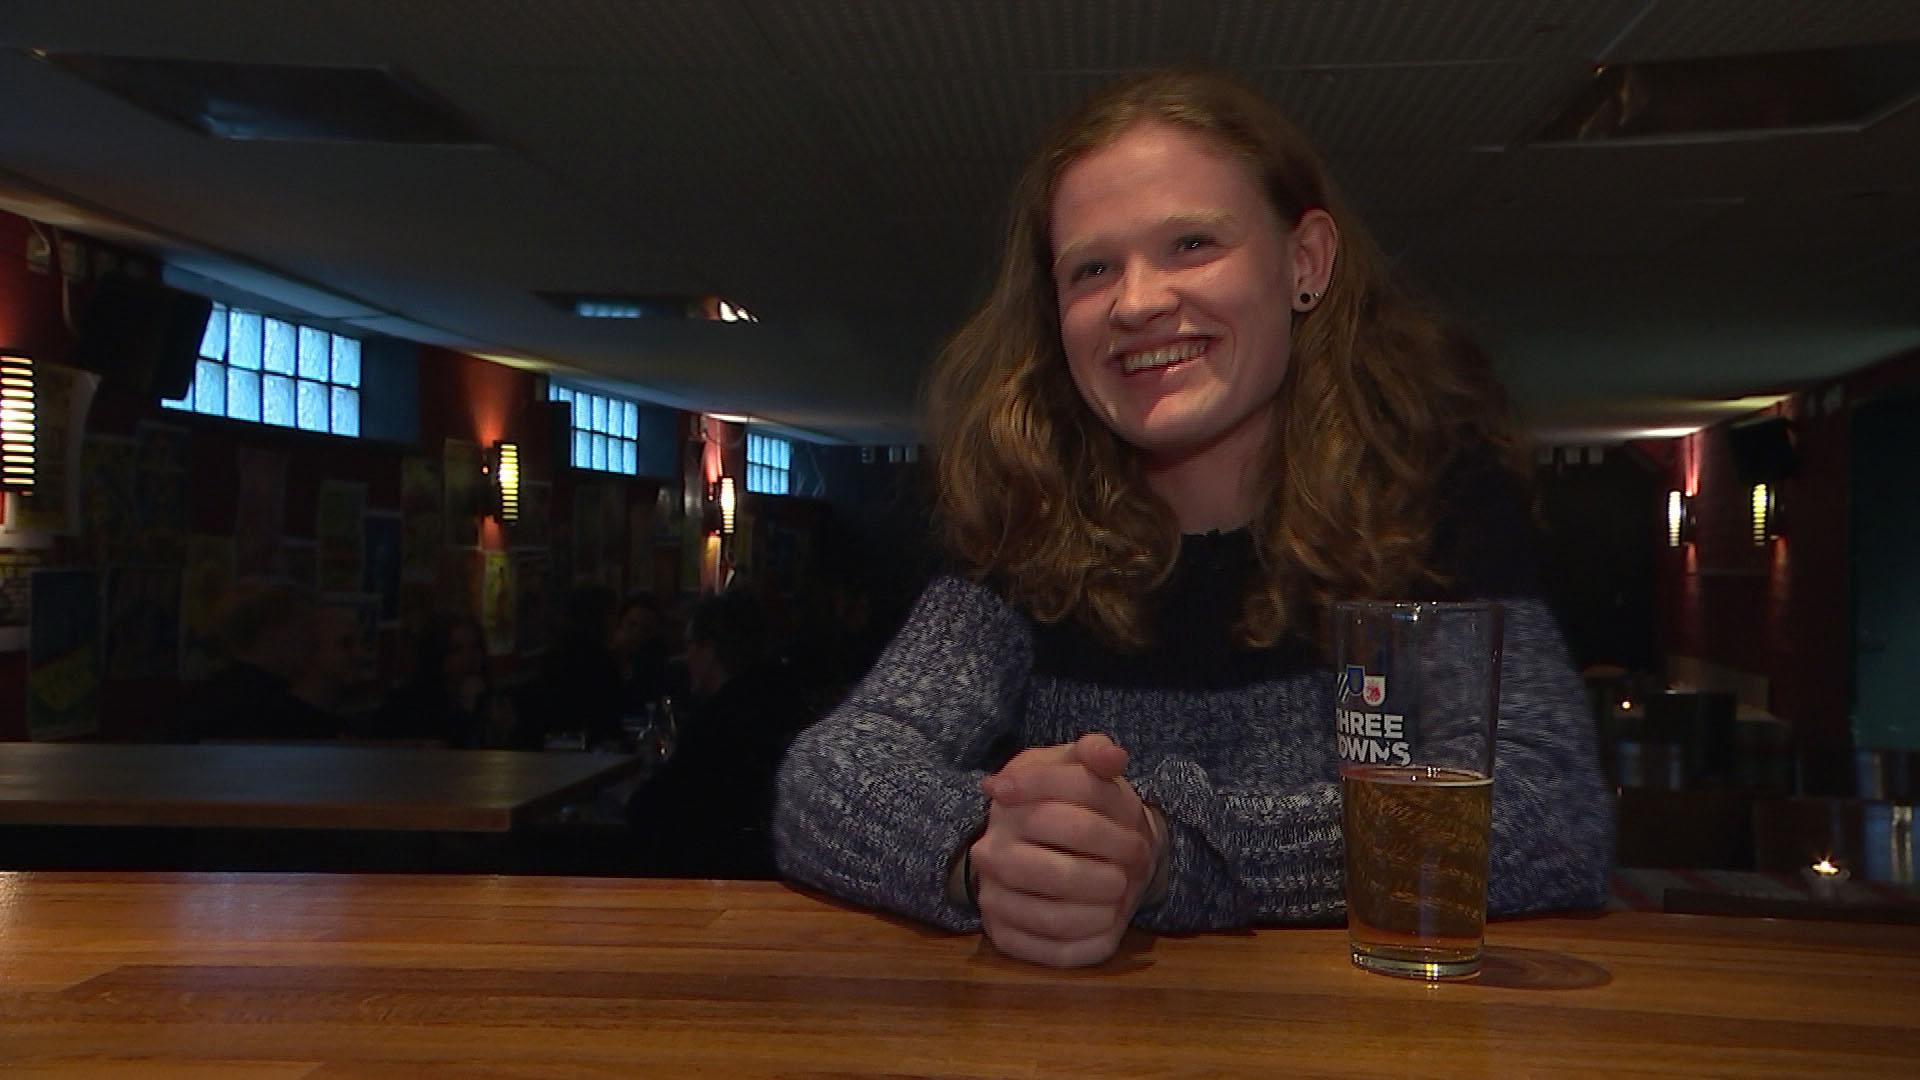 Unge danskere i Sverige: Her drikker vi mindre | Indland | DR